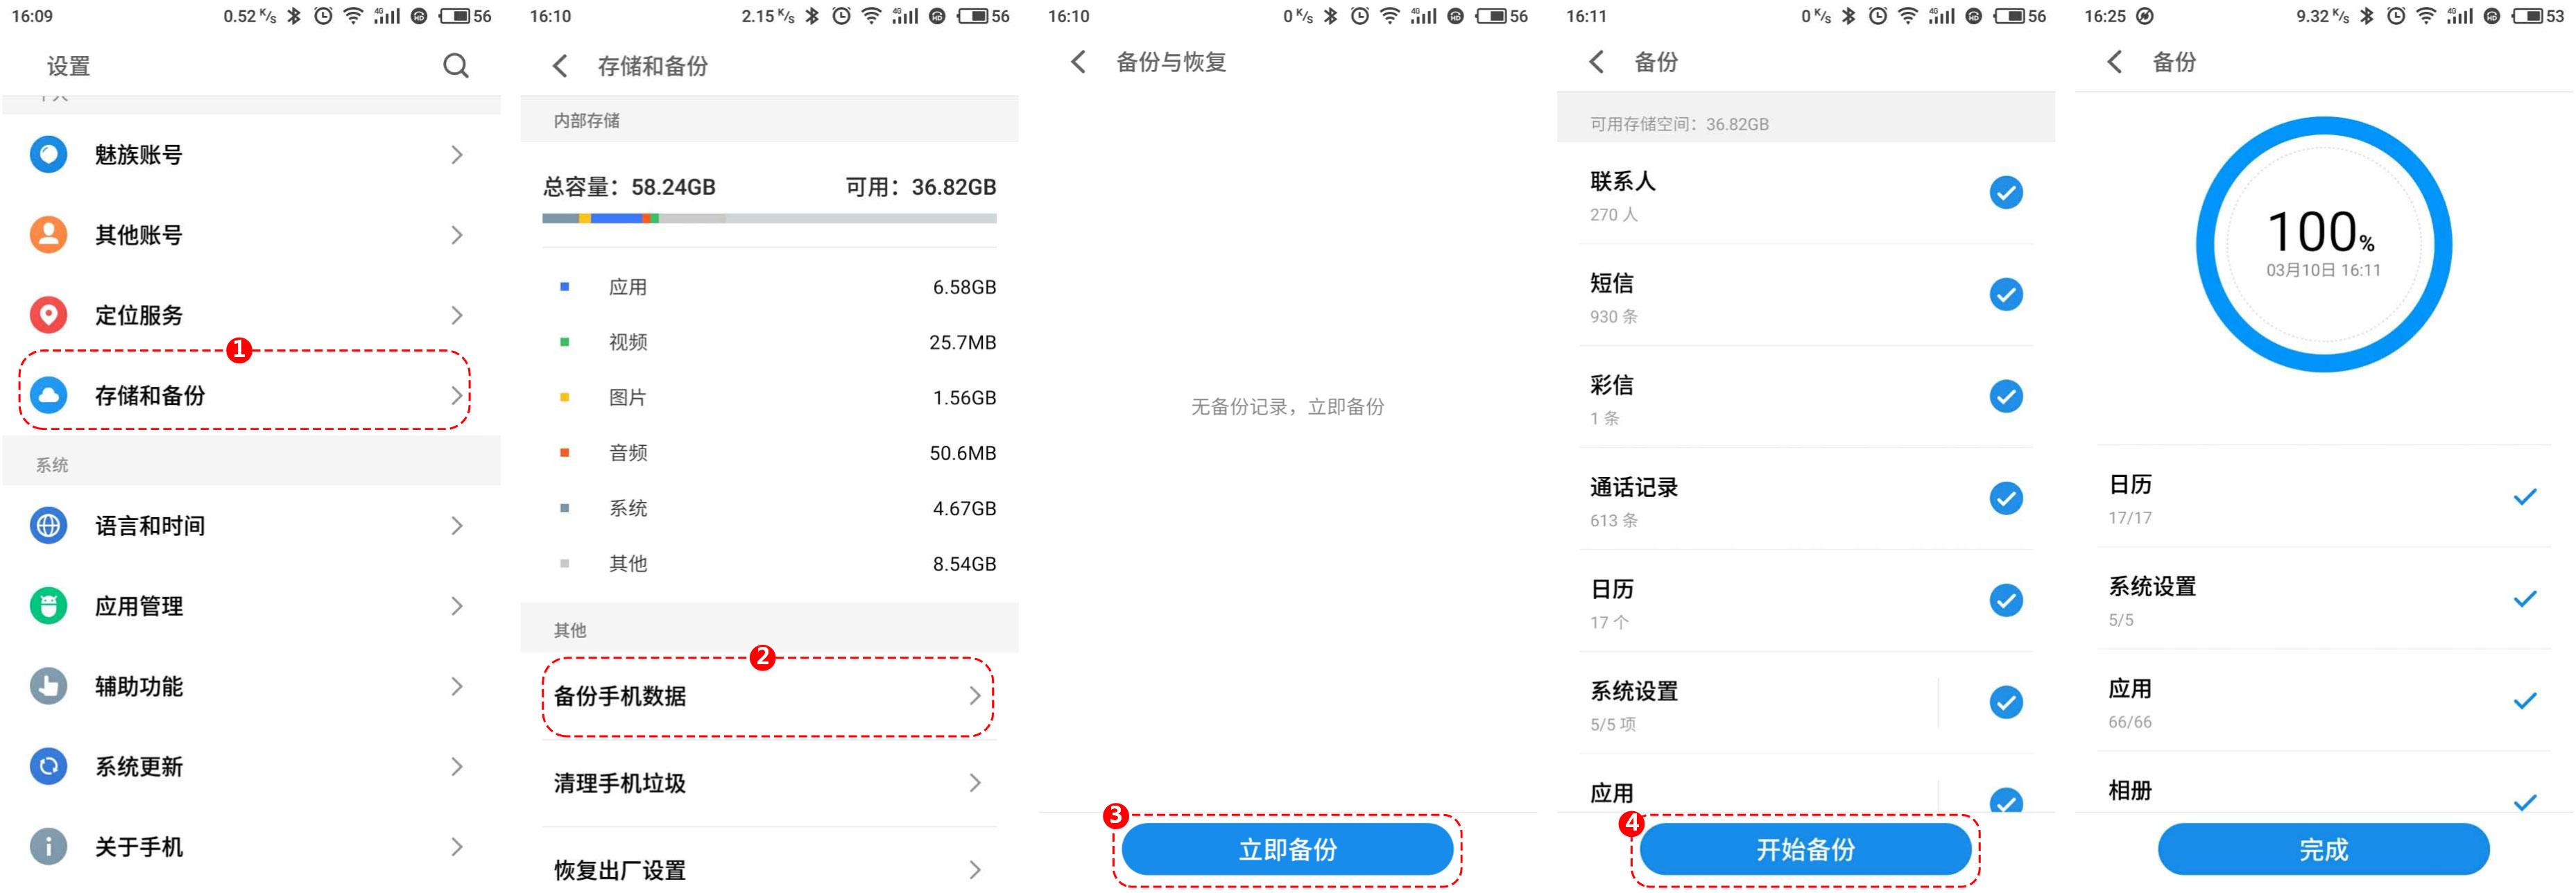 魅族魅蓝S6刷机方法_魅族魅蓝S6线刷包下载